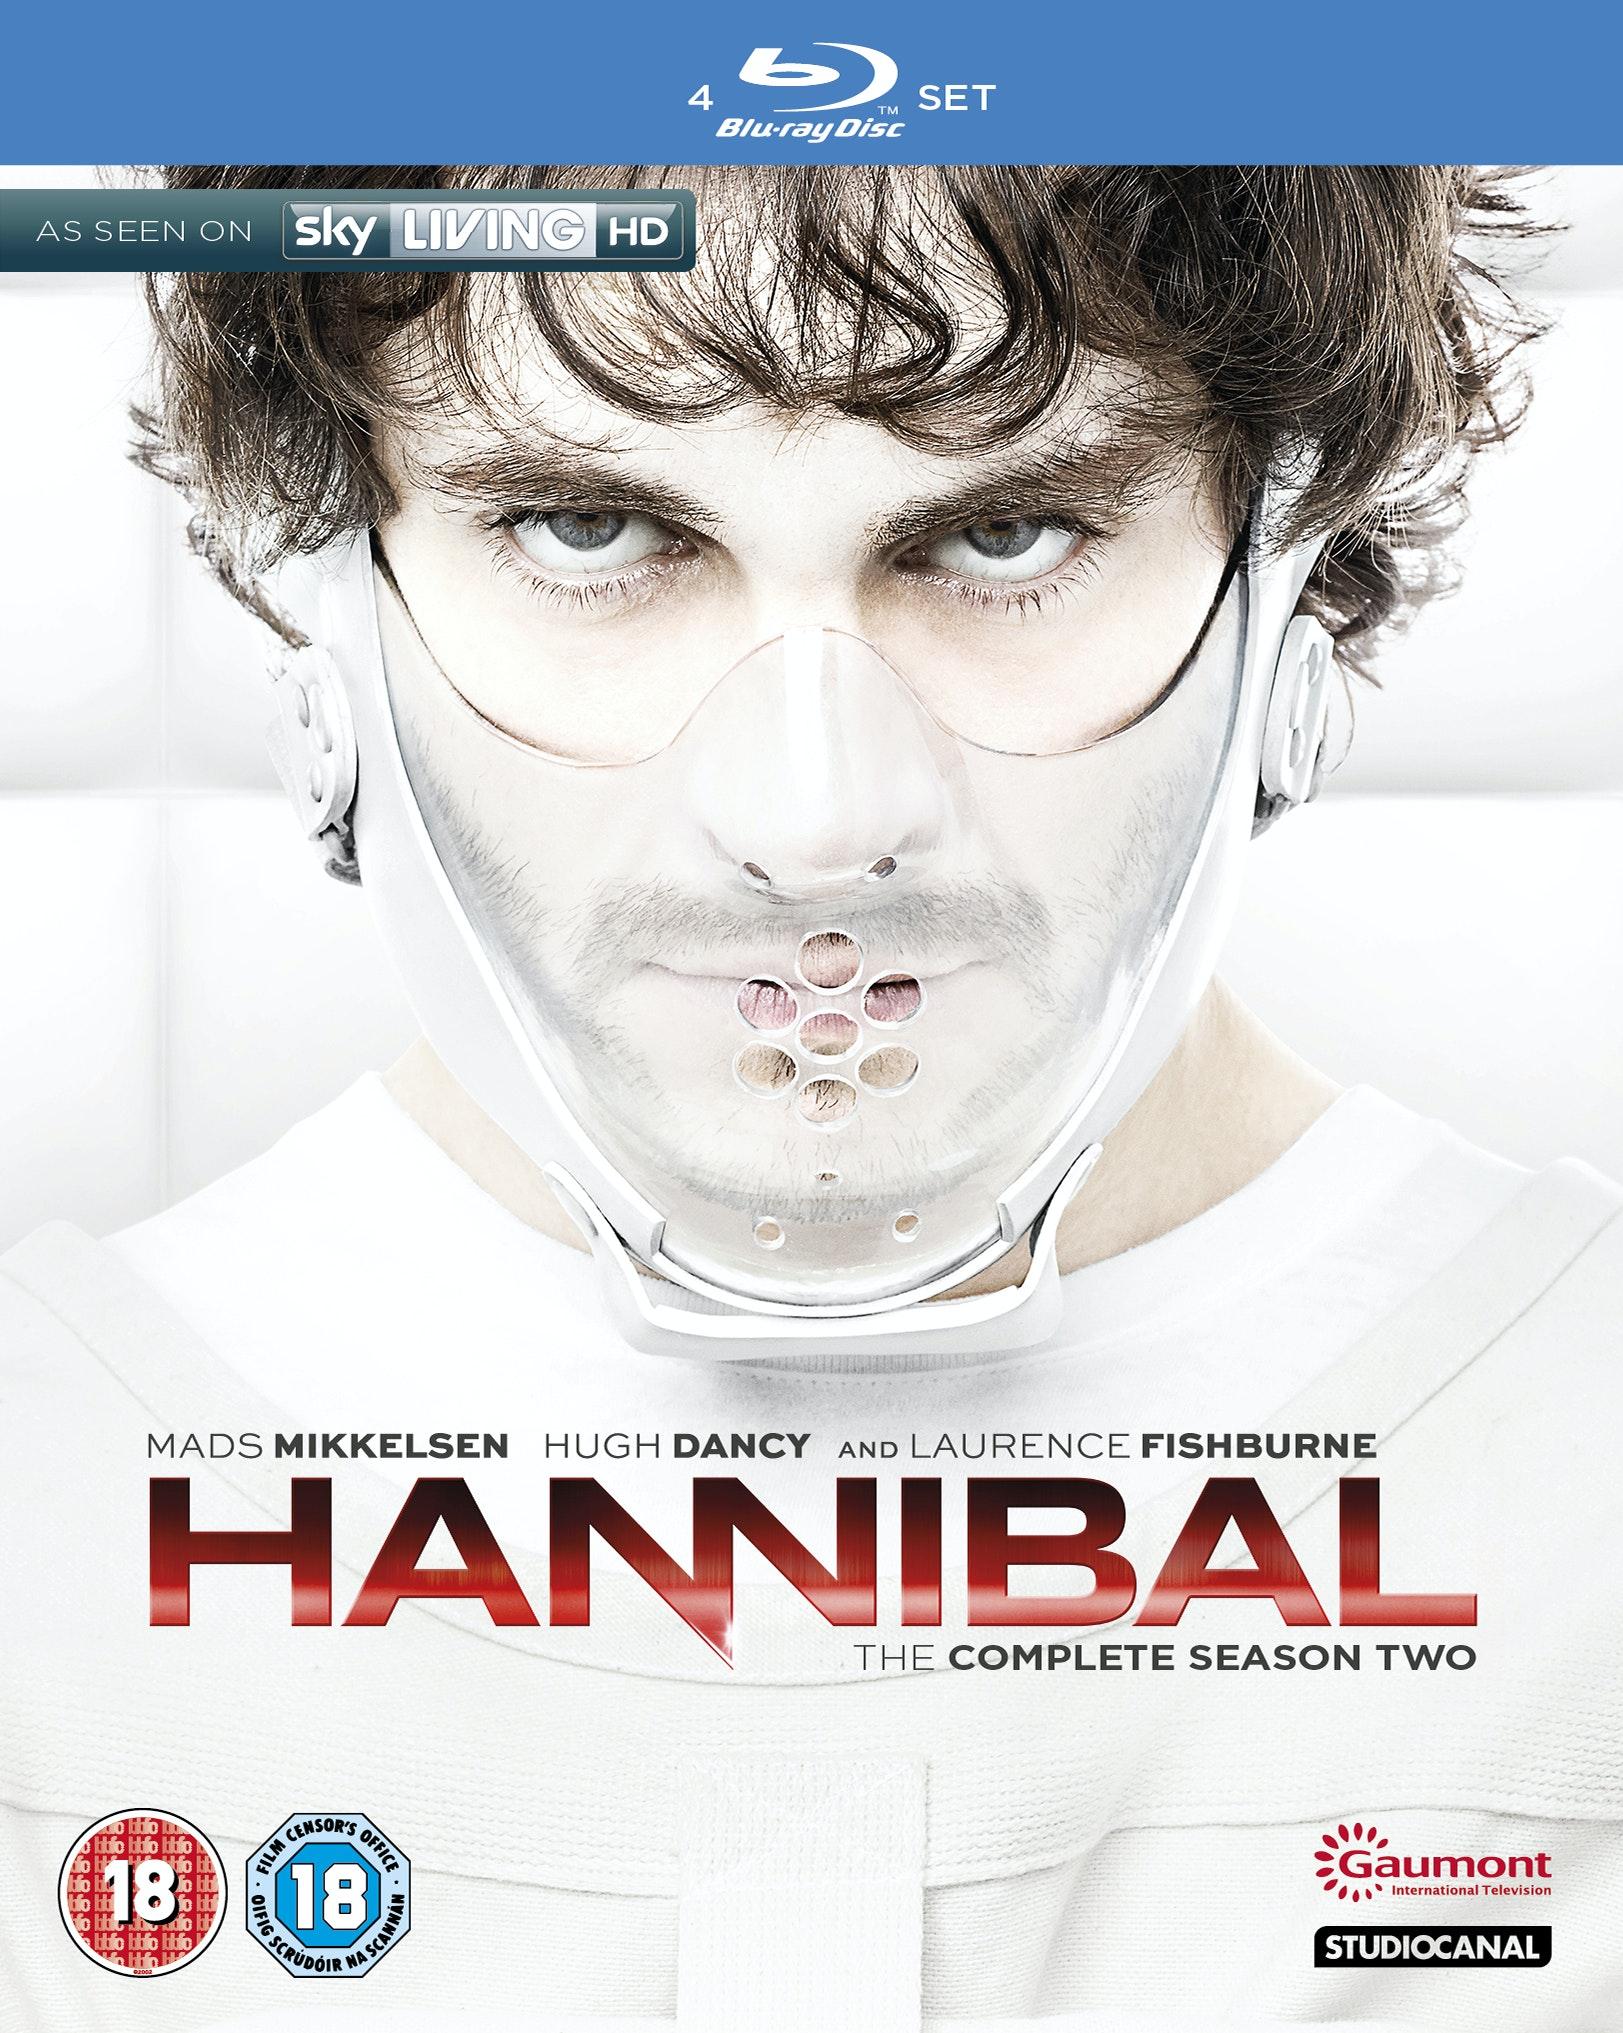 Hannibal sweepstakes